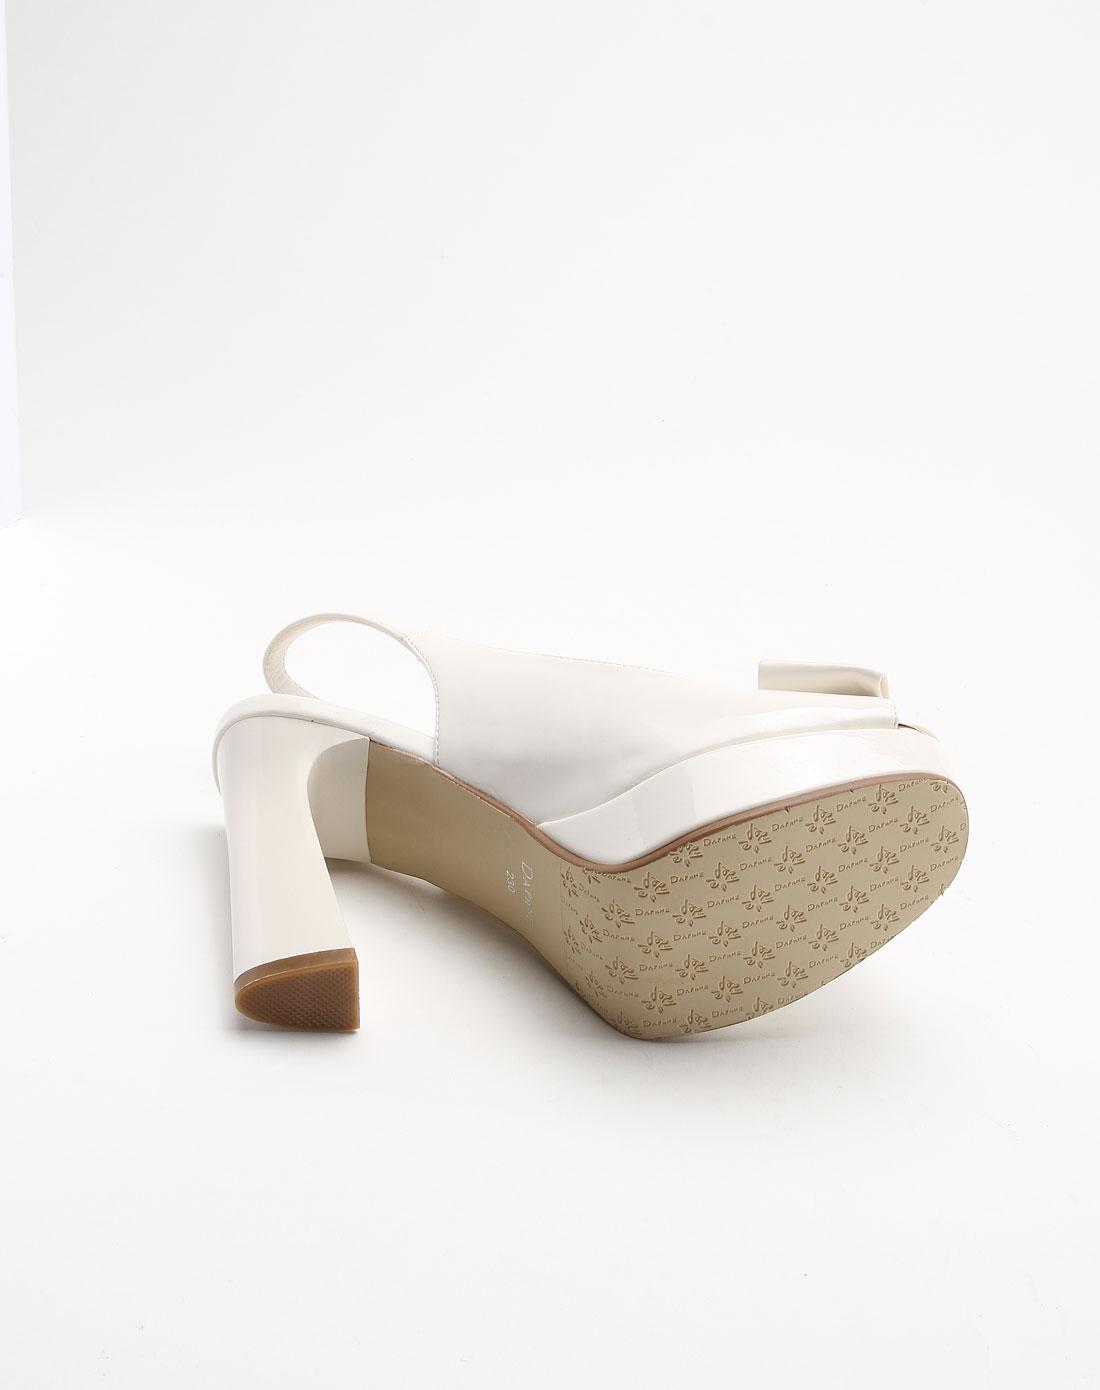 达芙妮daphne日系淑女风米白色高跟凉鞋